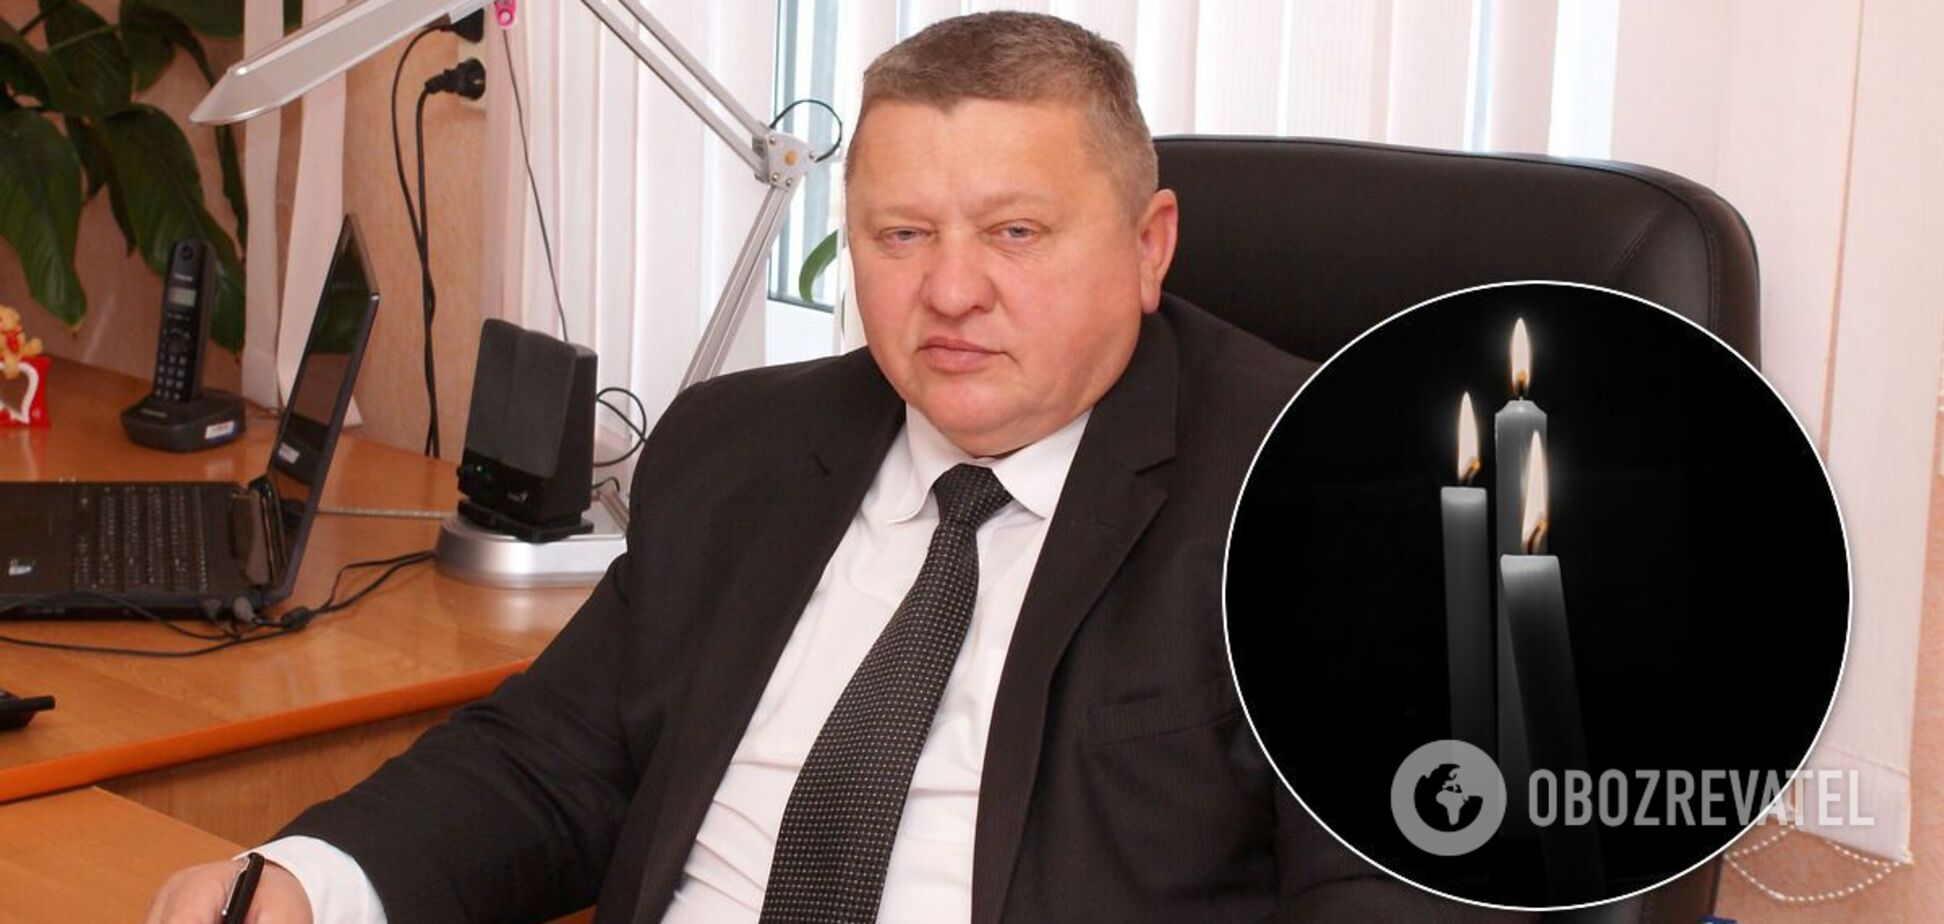 Виктор Талащук умер от COVID-19